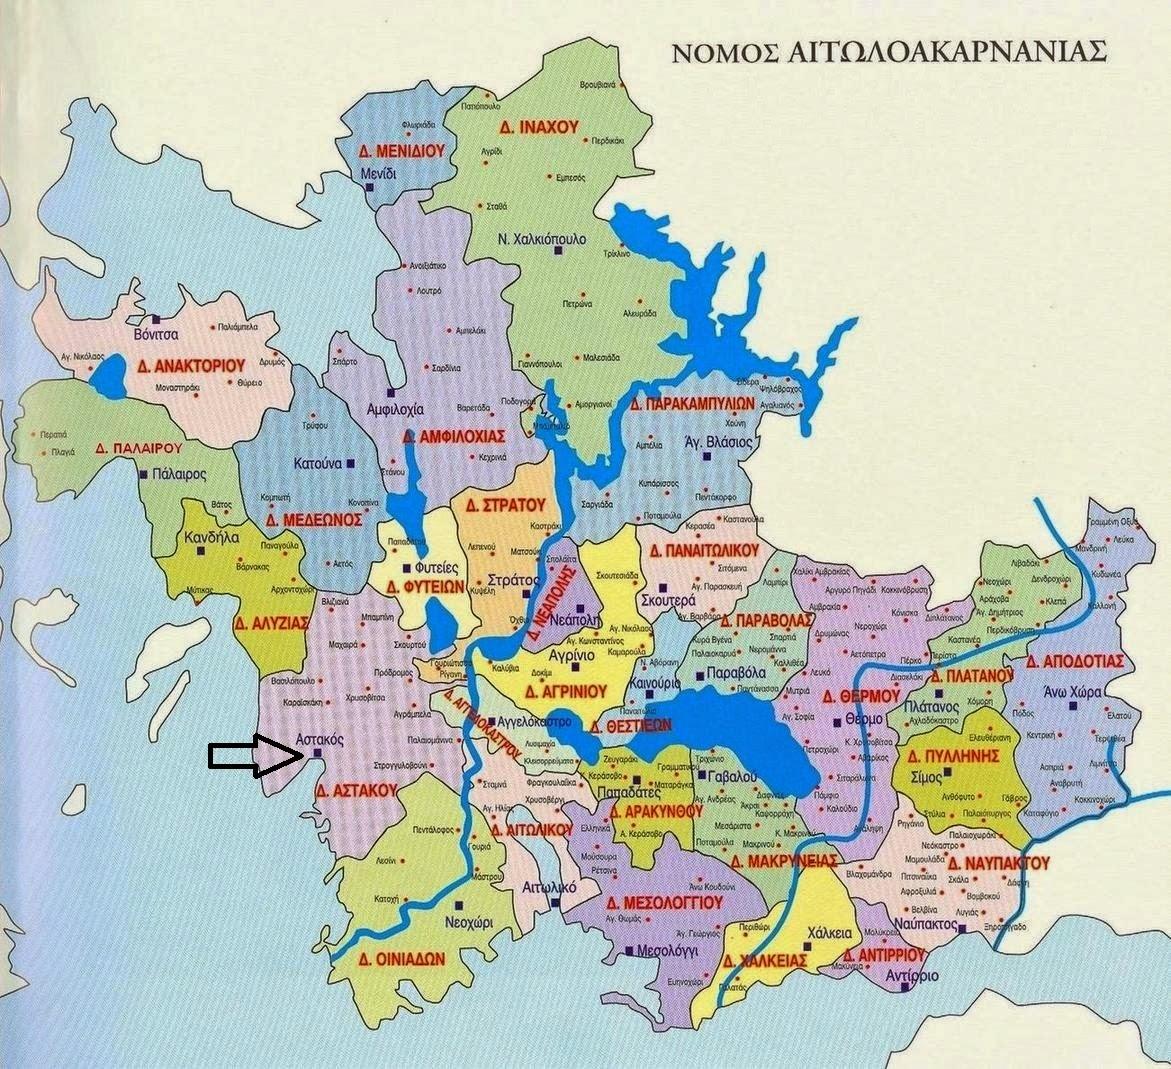 Το Πανελλήνιο Ενώσεων κοριτσιών στον Αστακό Αιτωλοακαρνανίας